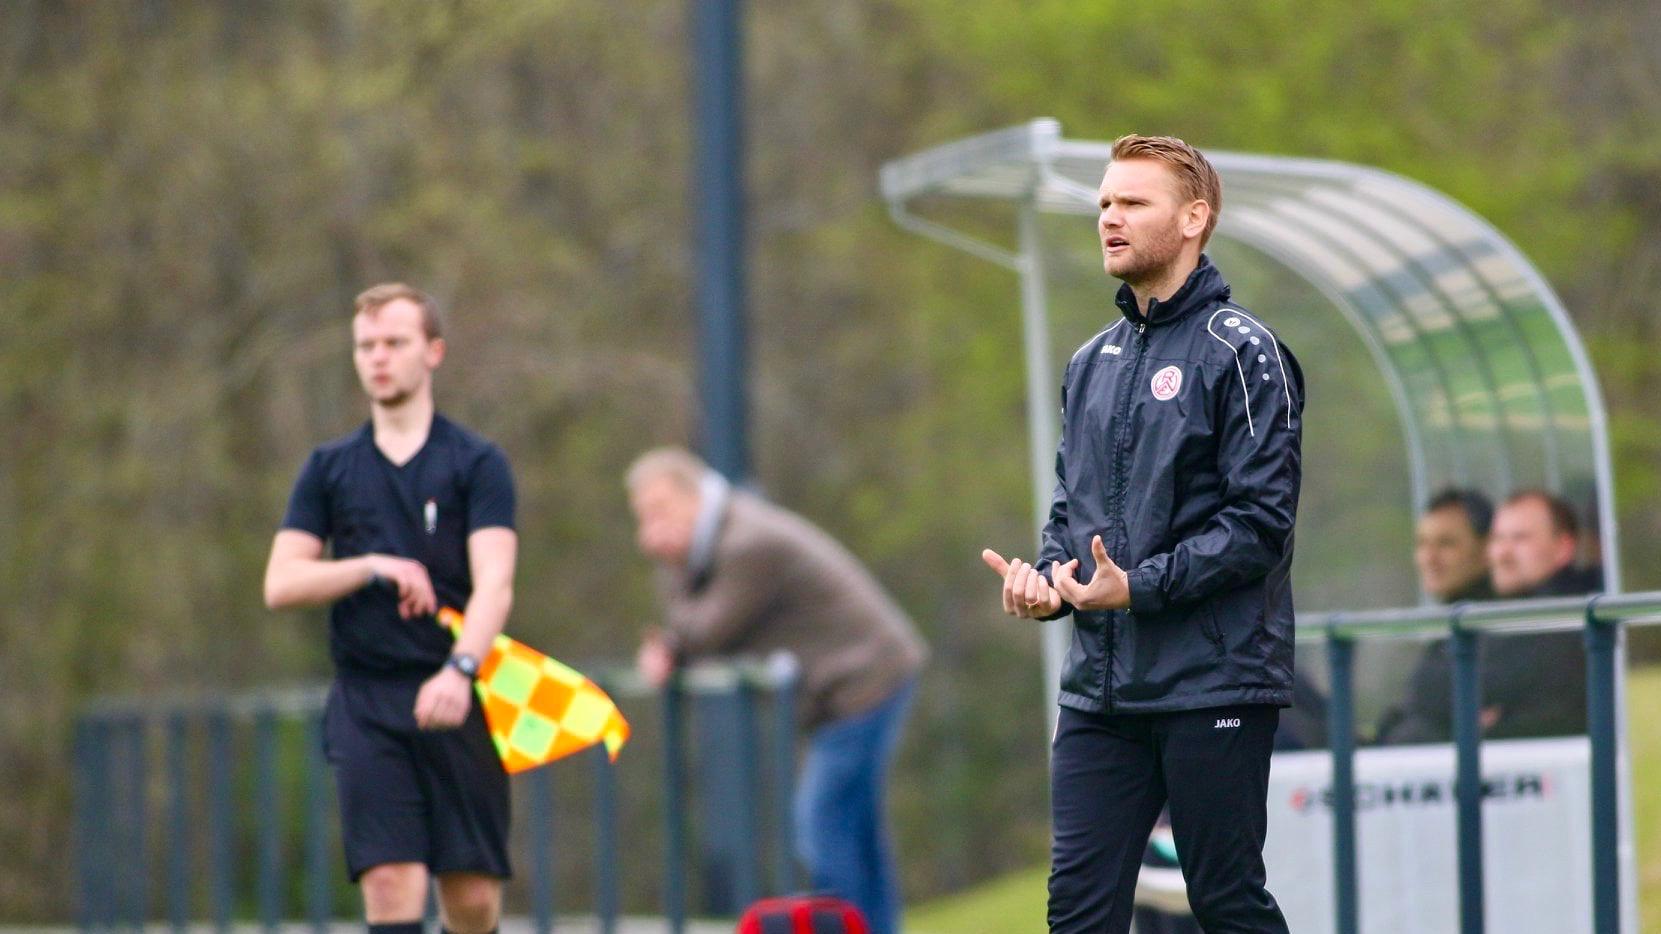 """Wir haben gezeigt, dass wir fußballerisch in der Bundesliga mithalten können."""" Simon Hohenberg sah trotz der Niederlage gute Ansätze. (Foto: Breilmannswiese)"""